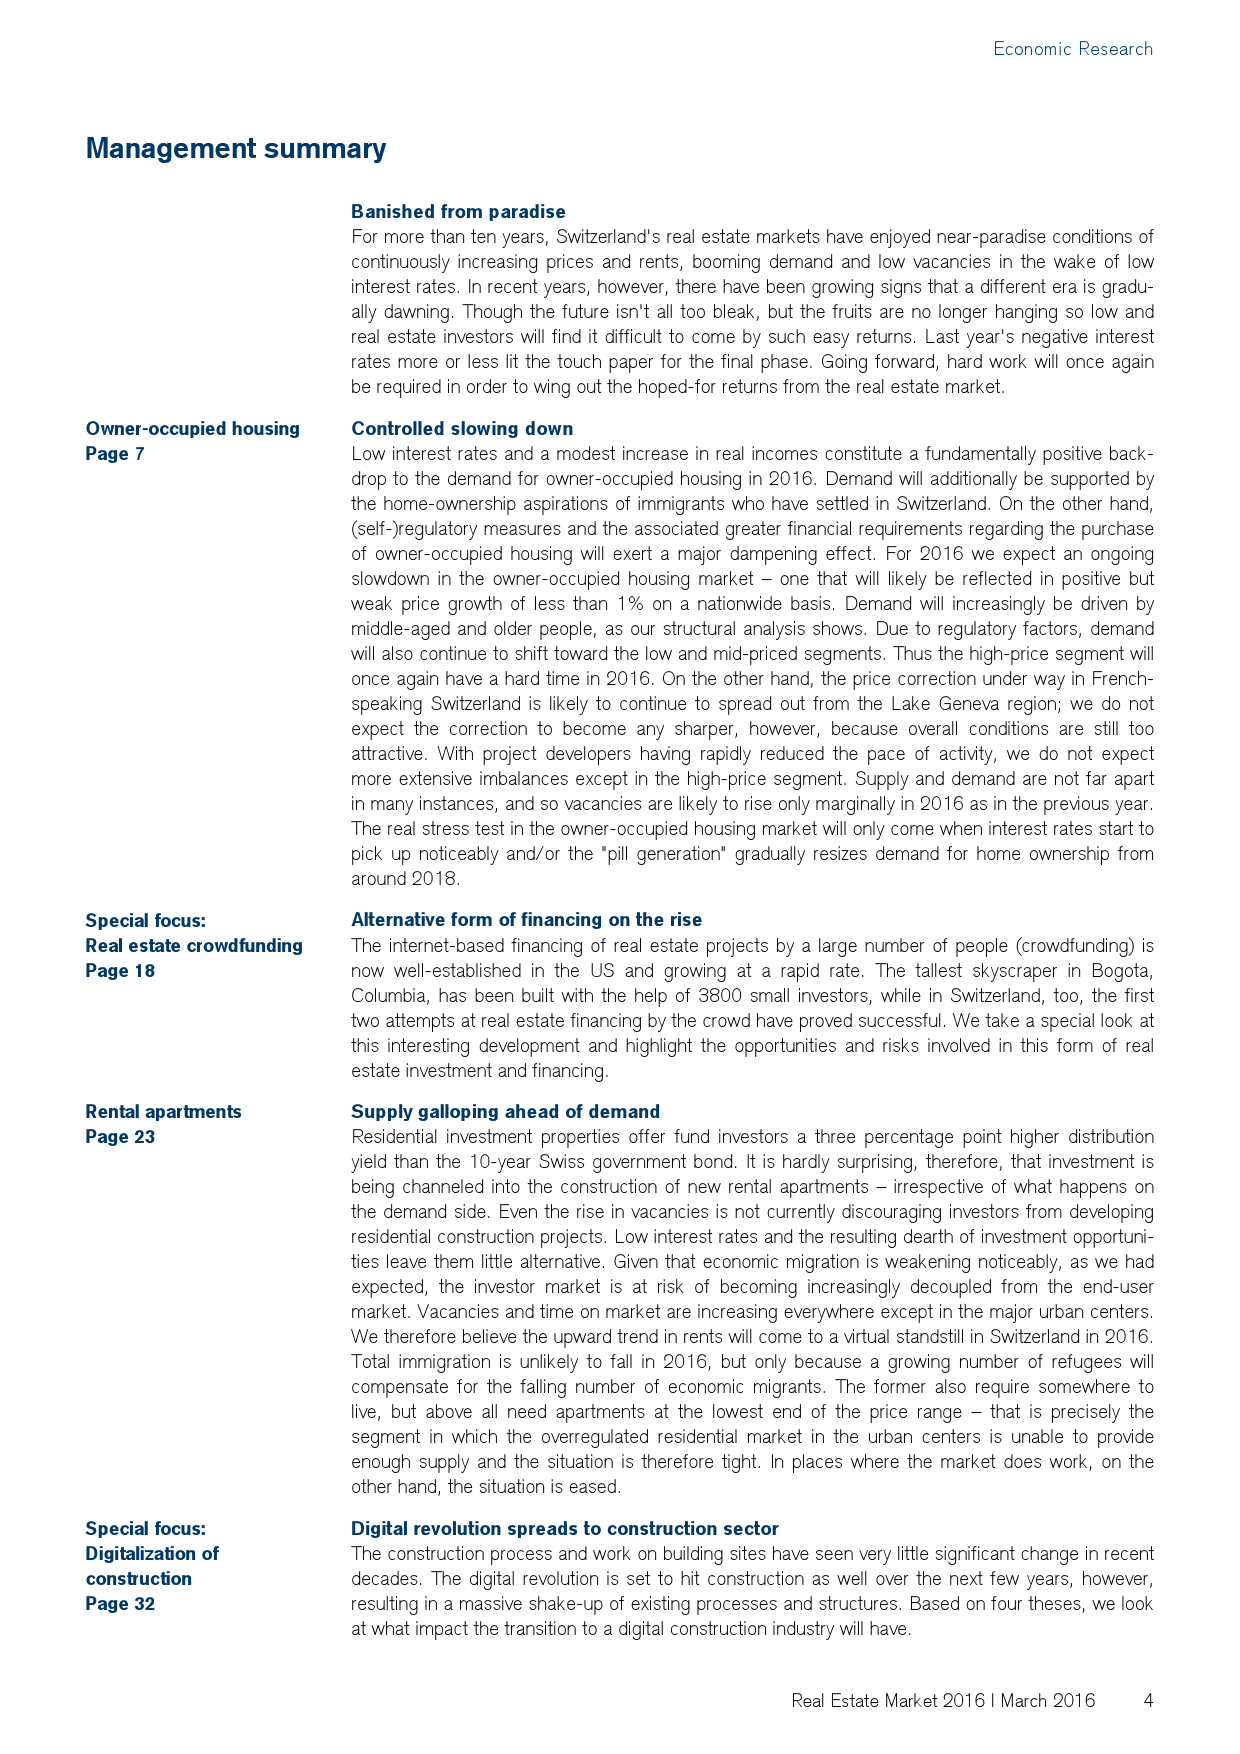 2016年瑞士房地产市场研究报告_000004